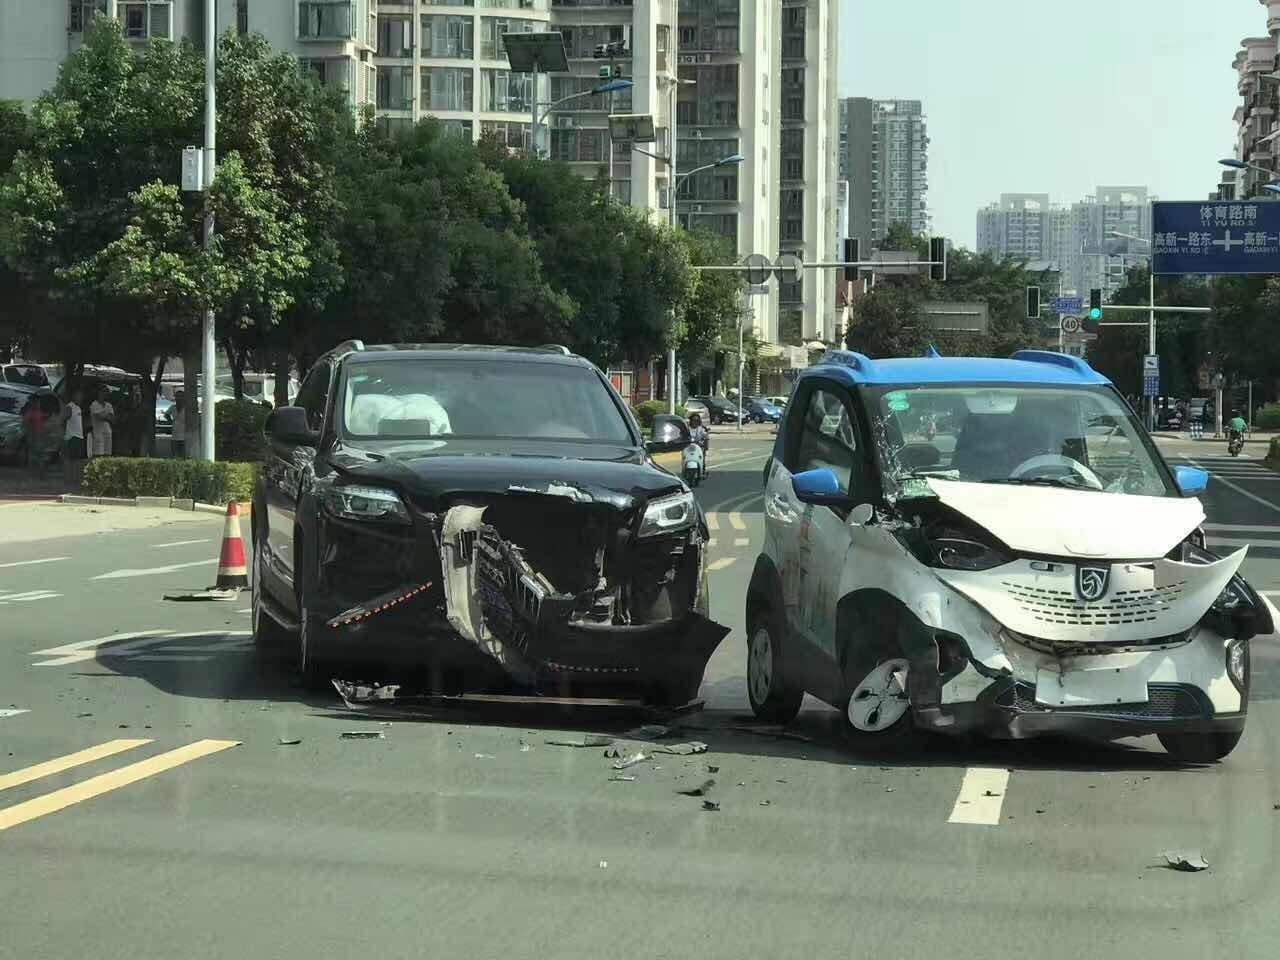 宝骏E100与奥迪Q7相怼 司机讲述事故前因后果高清图片